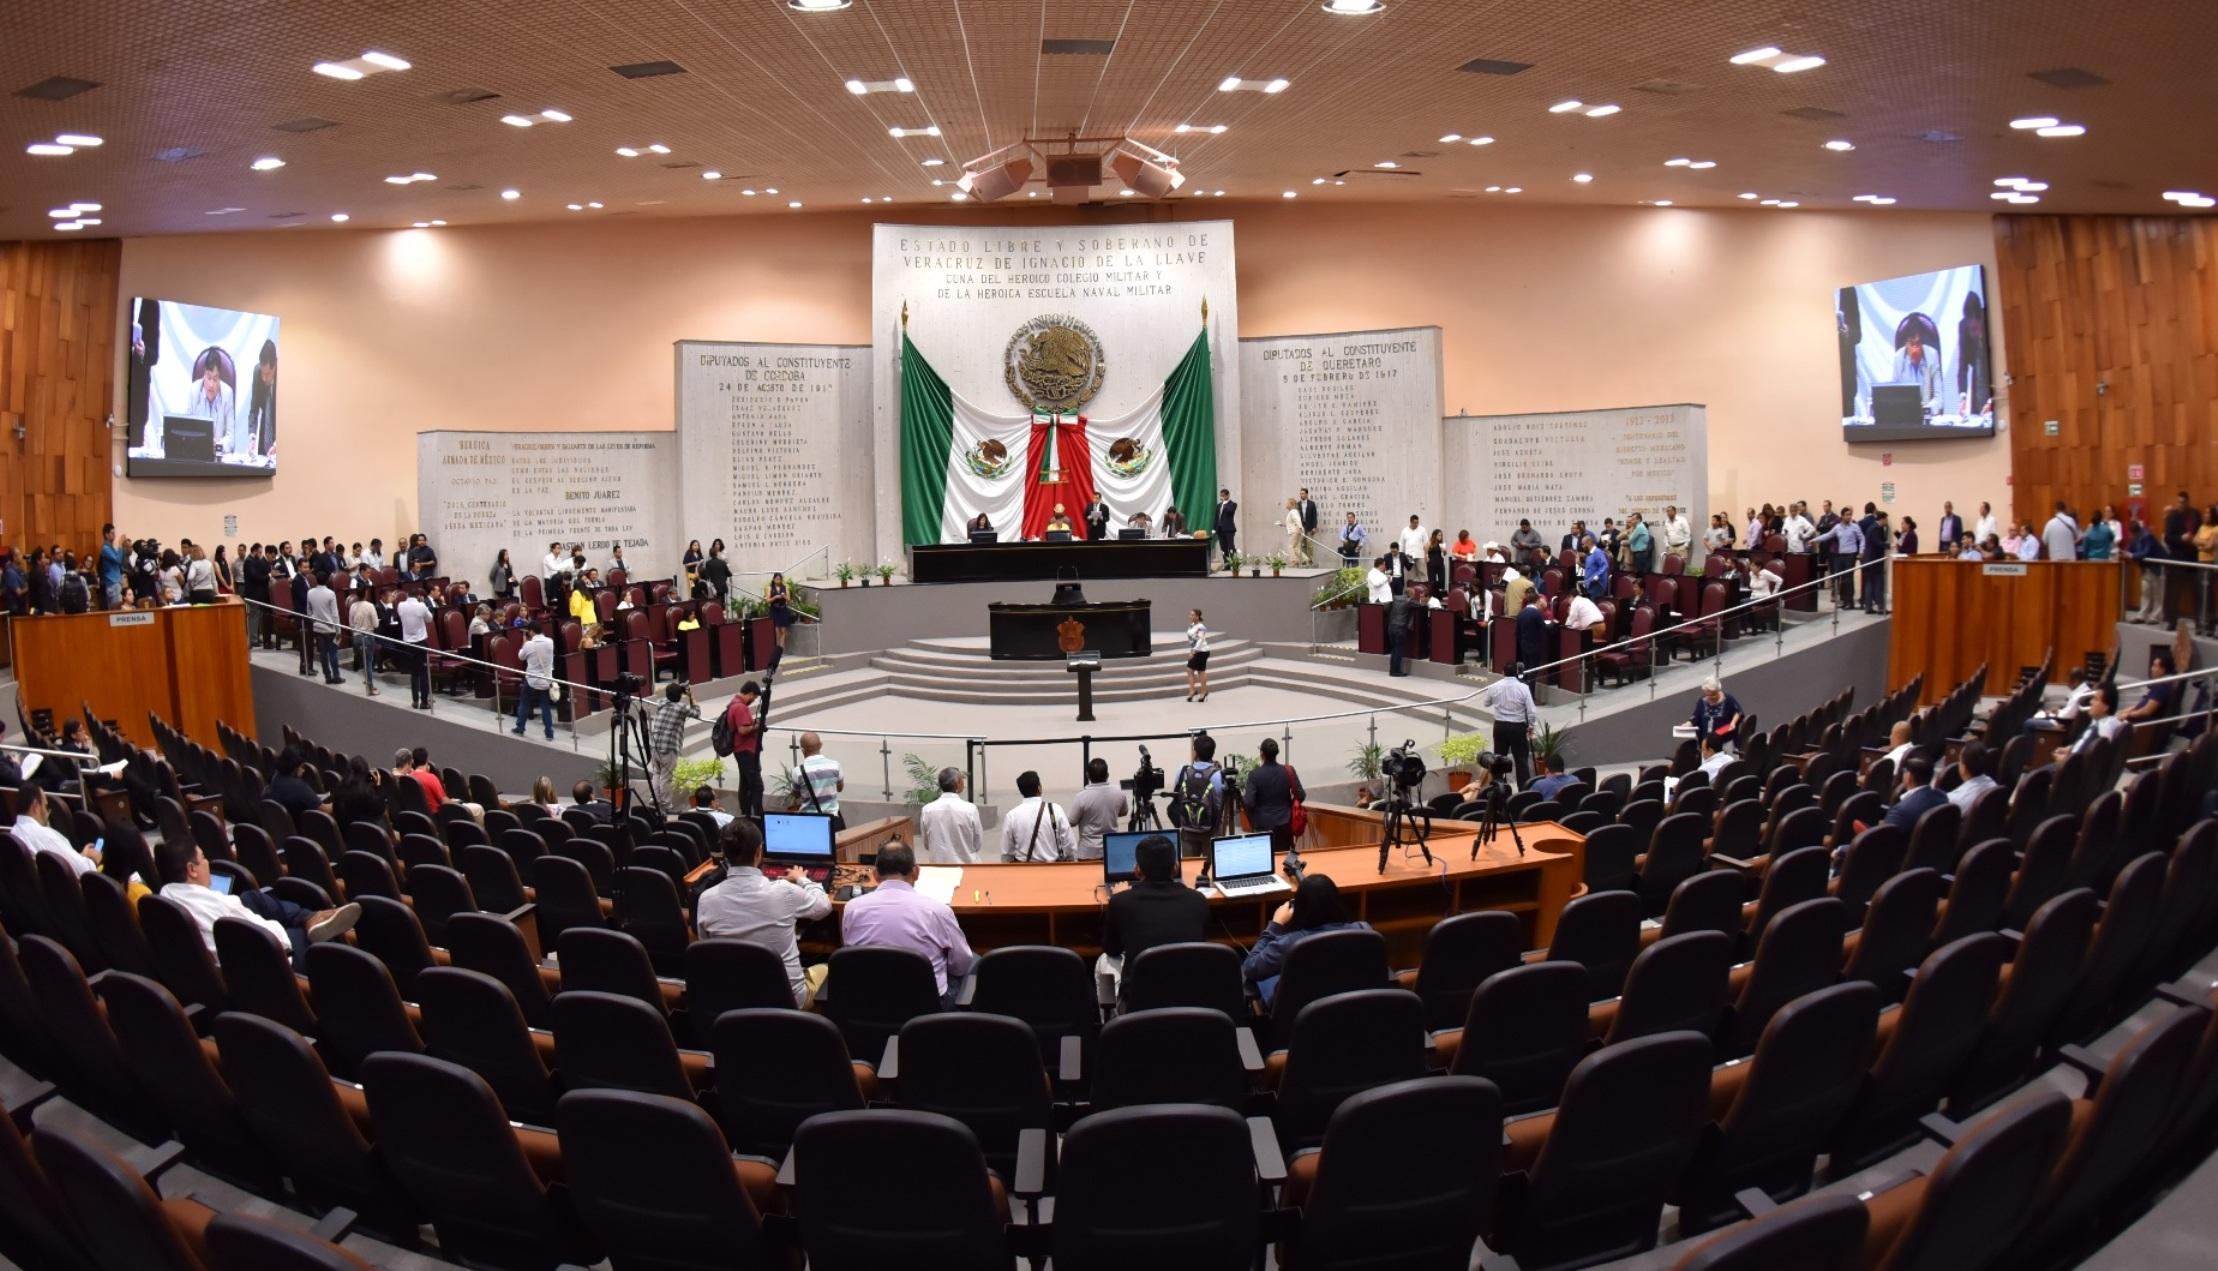 10 mejores momentos de la última sesión del Congreso de Veracruz